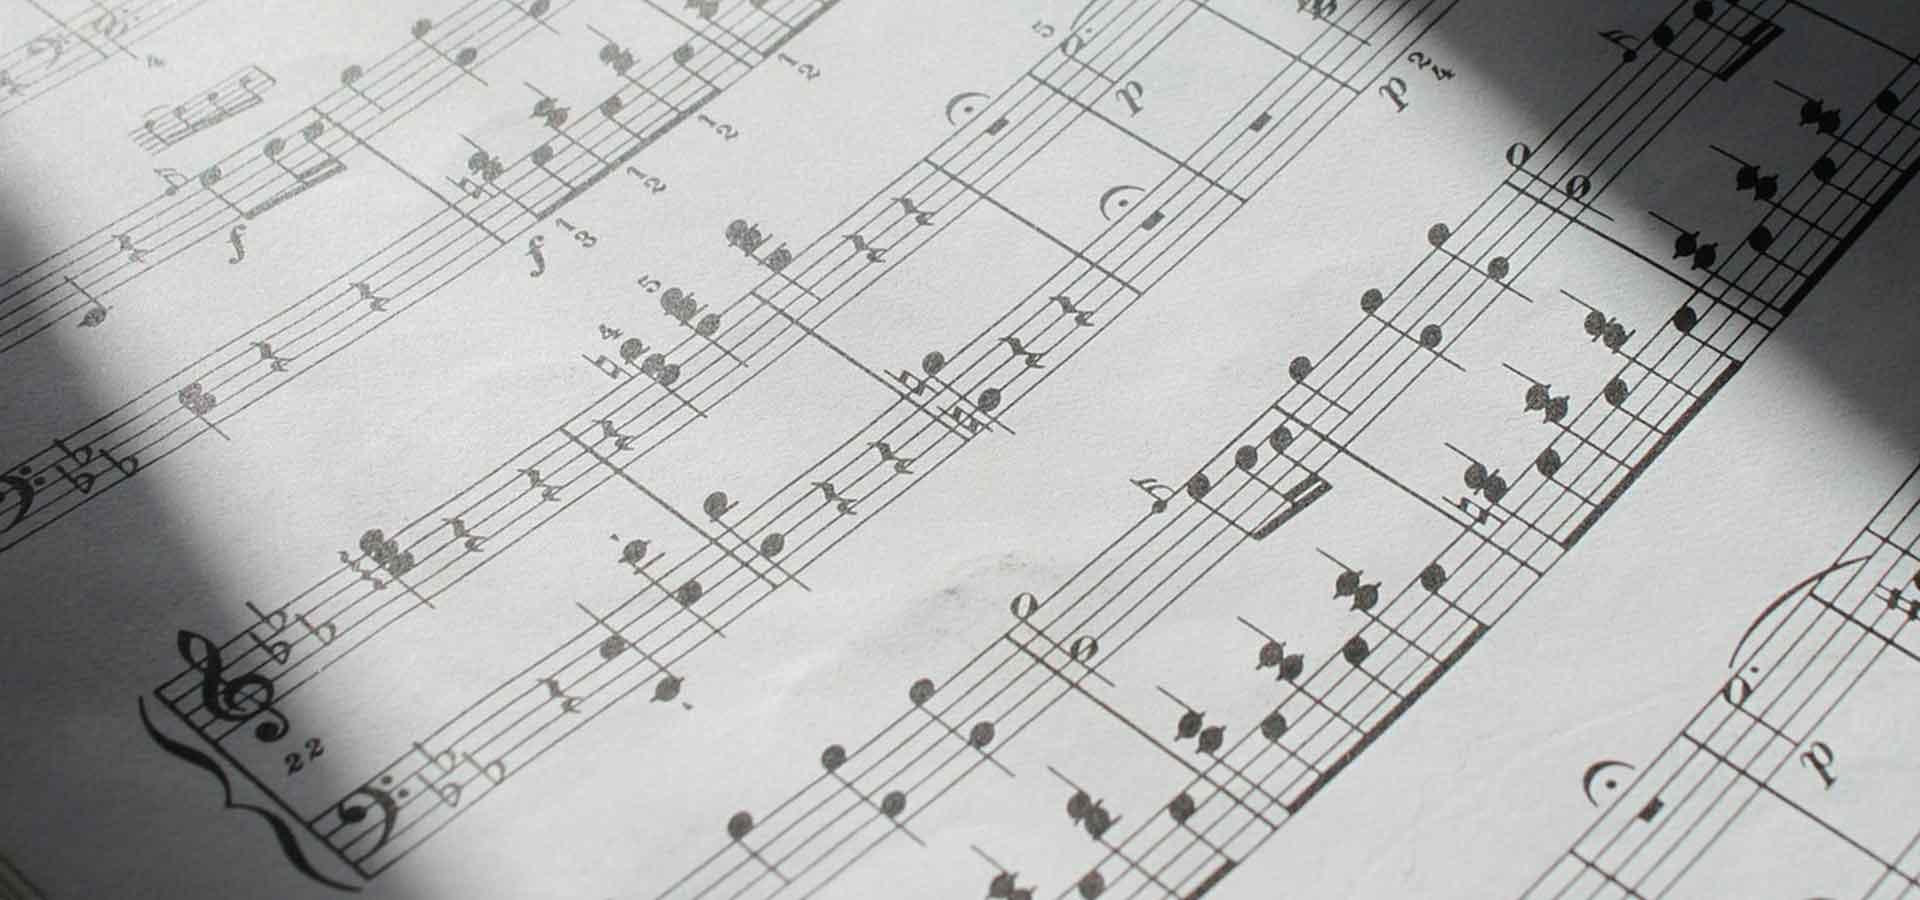 Musique-classique-europe-centrale